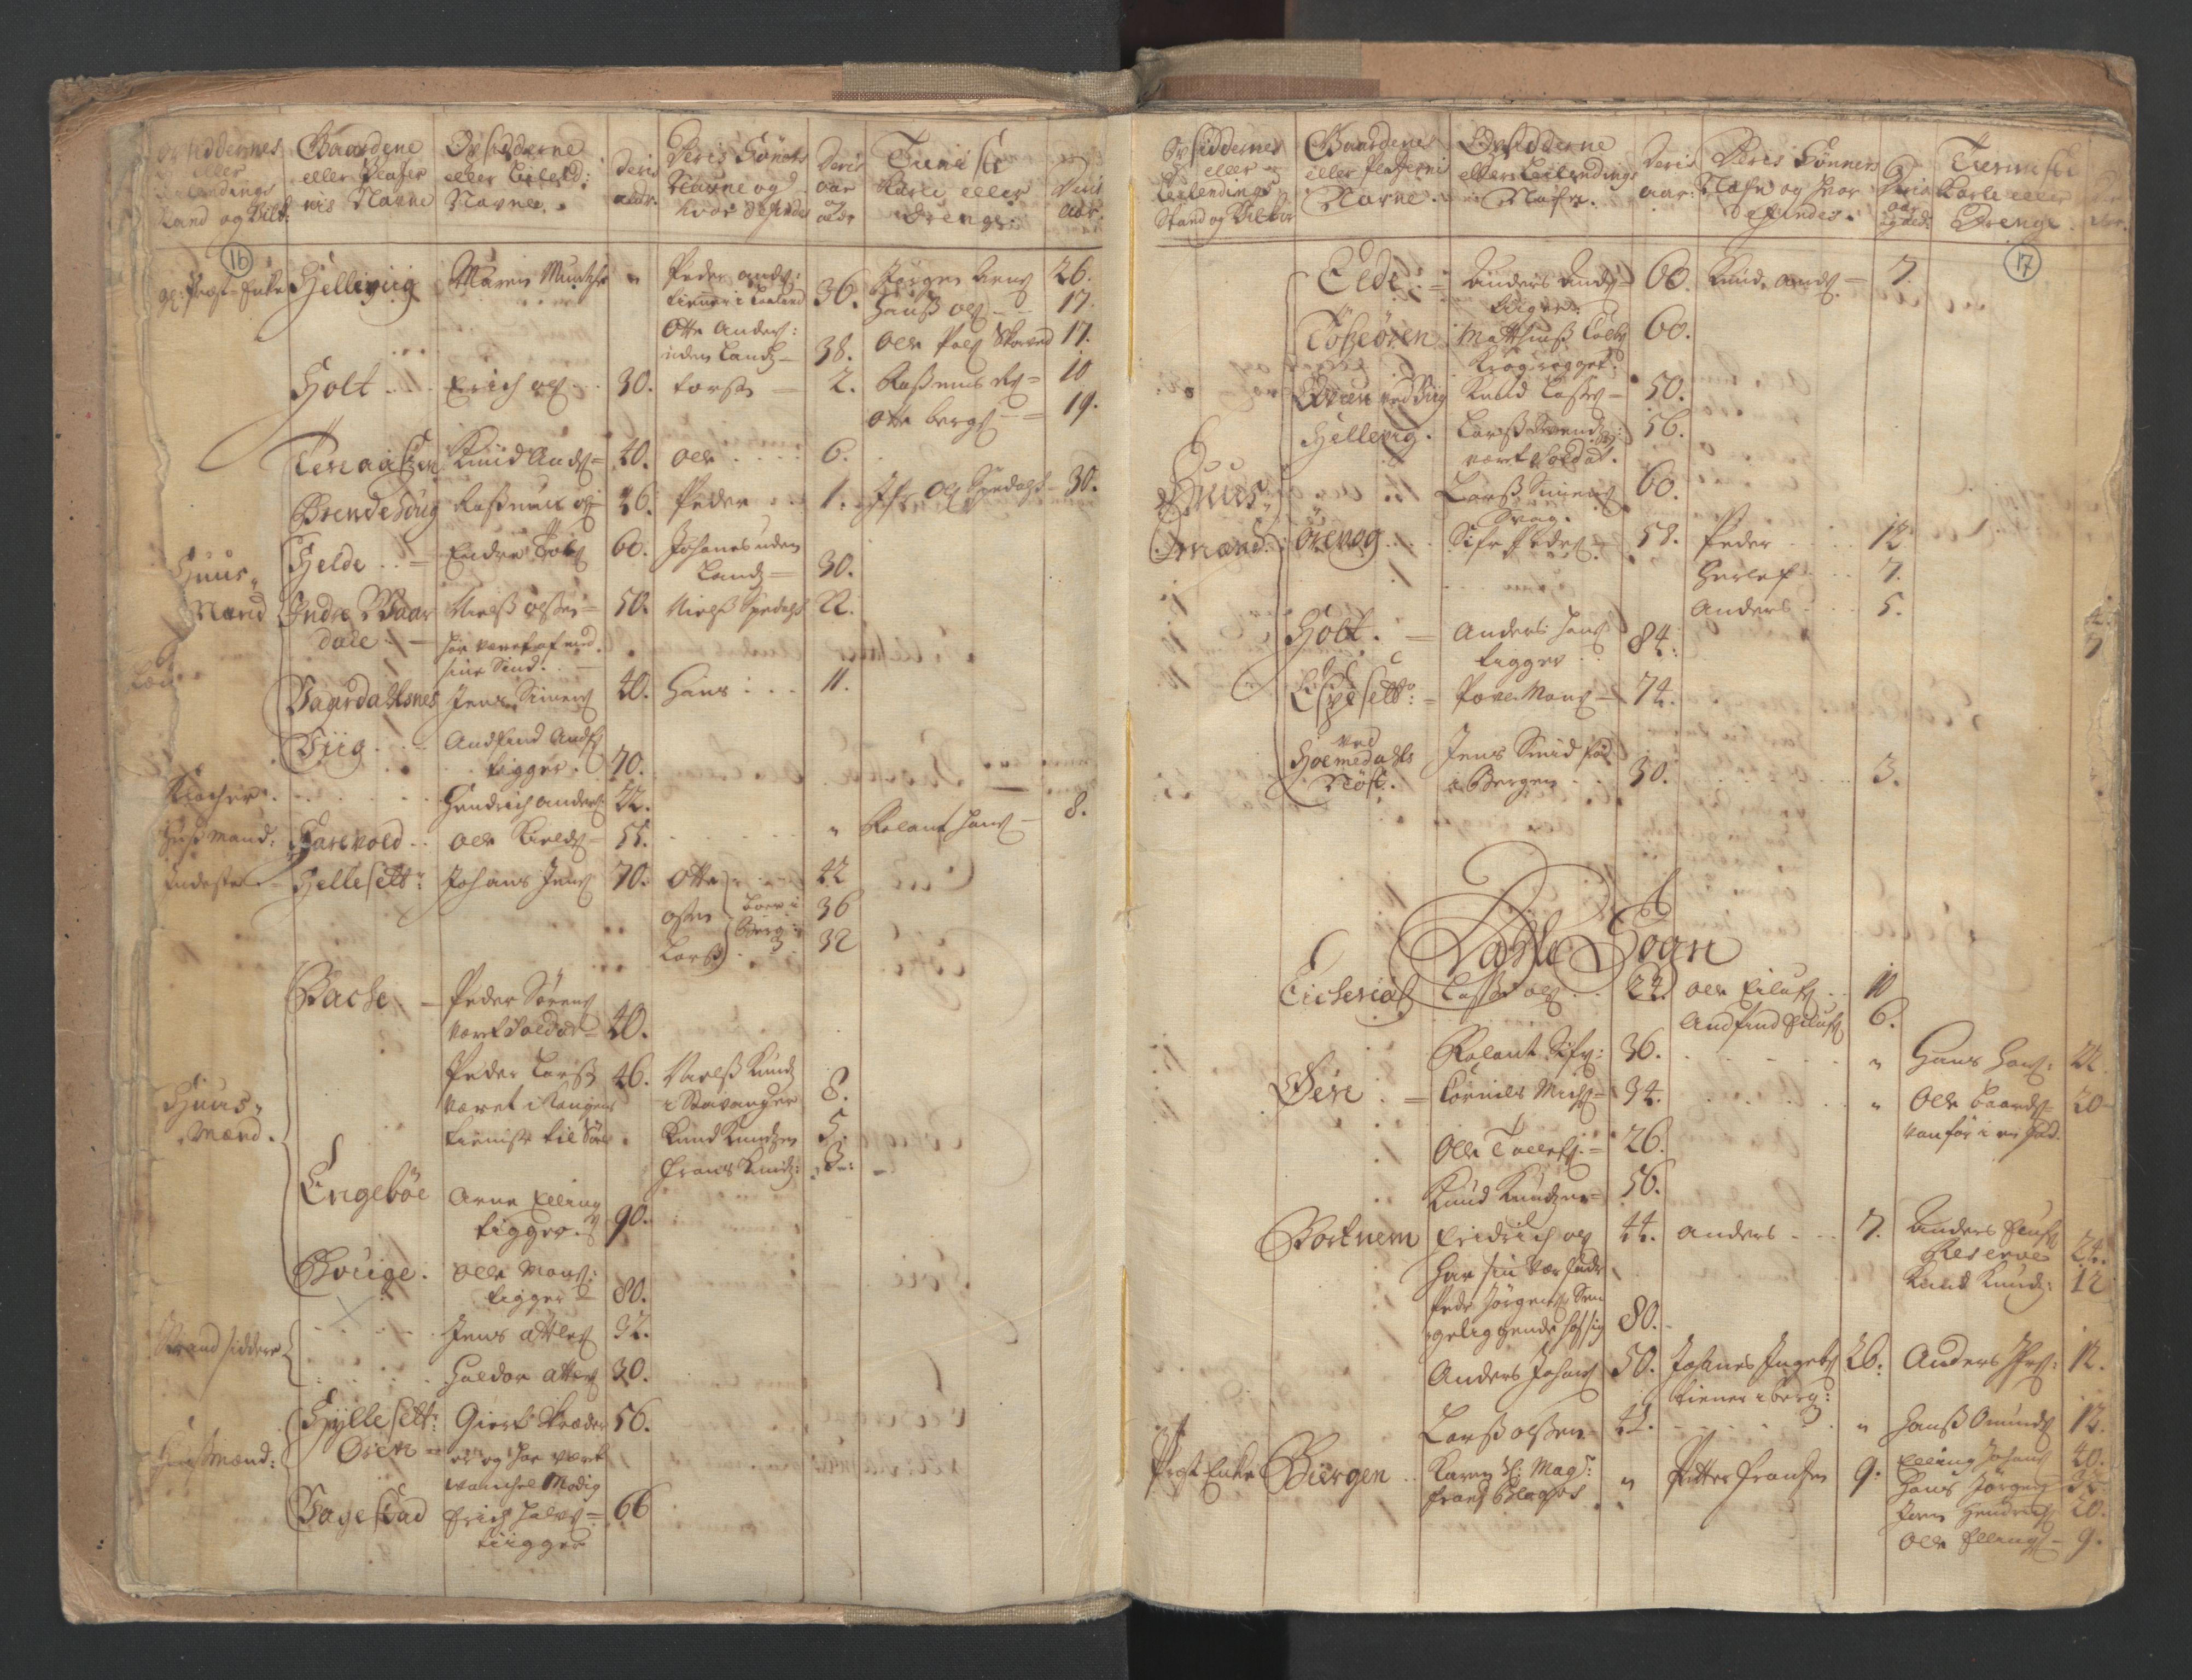 RA, Manntallet 1701, nr. 9: Sunnfjord fogderi, Nordfjord fogderi og Svanø birk, 1701, s. 16-17